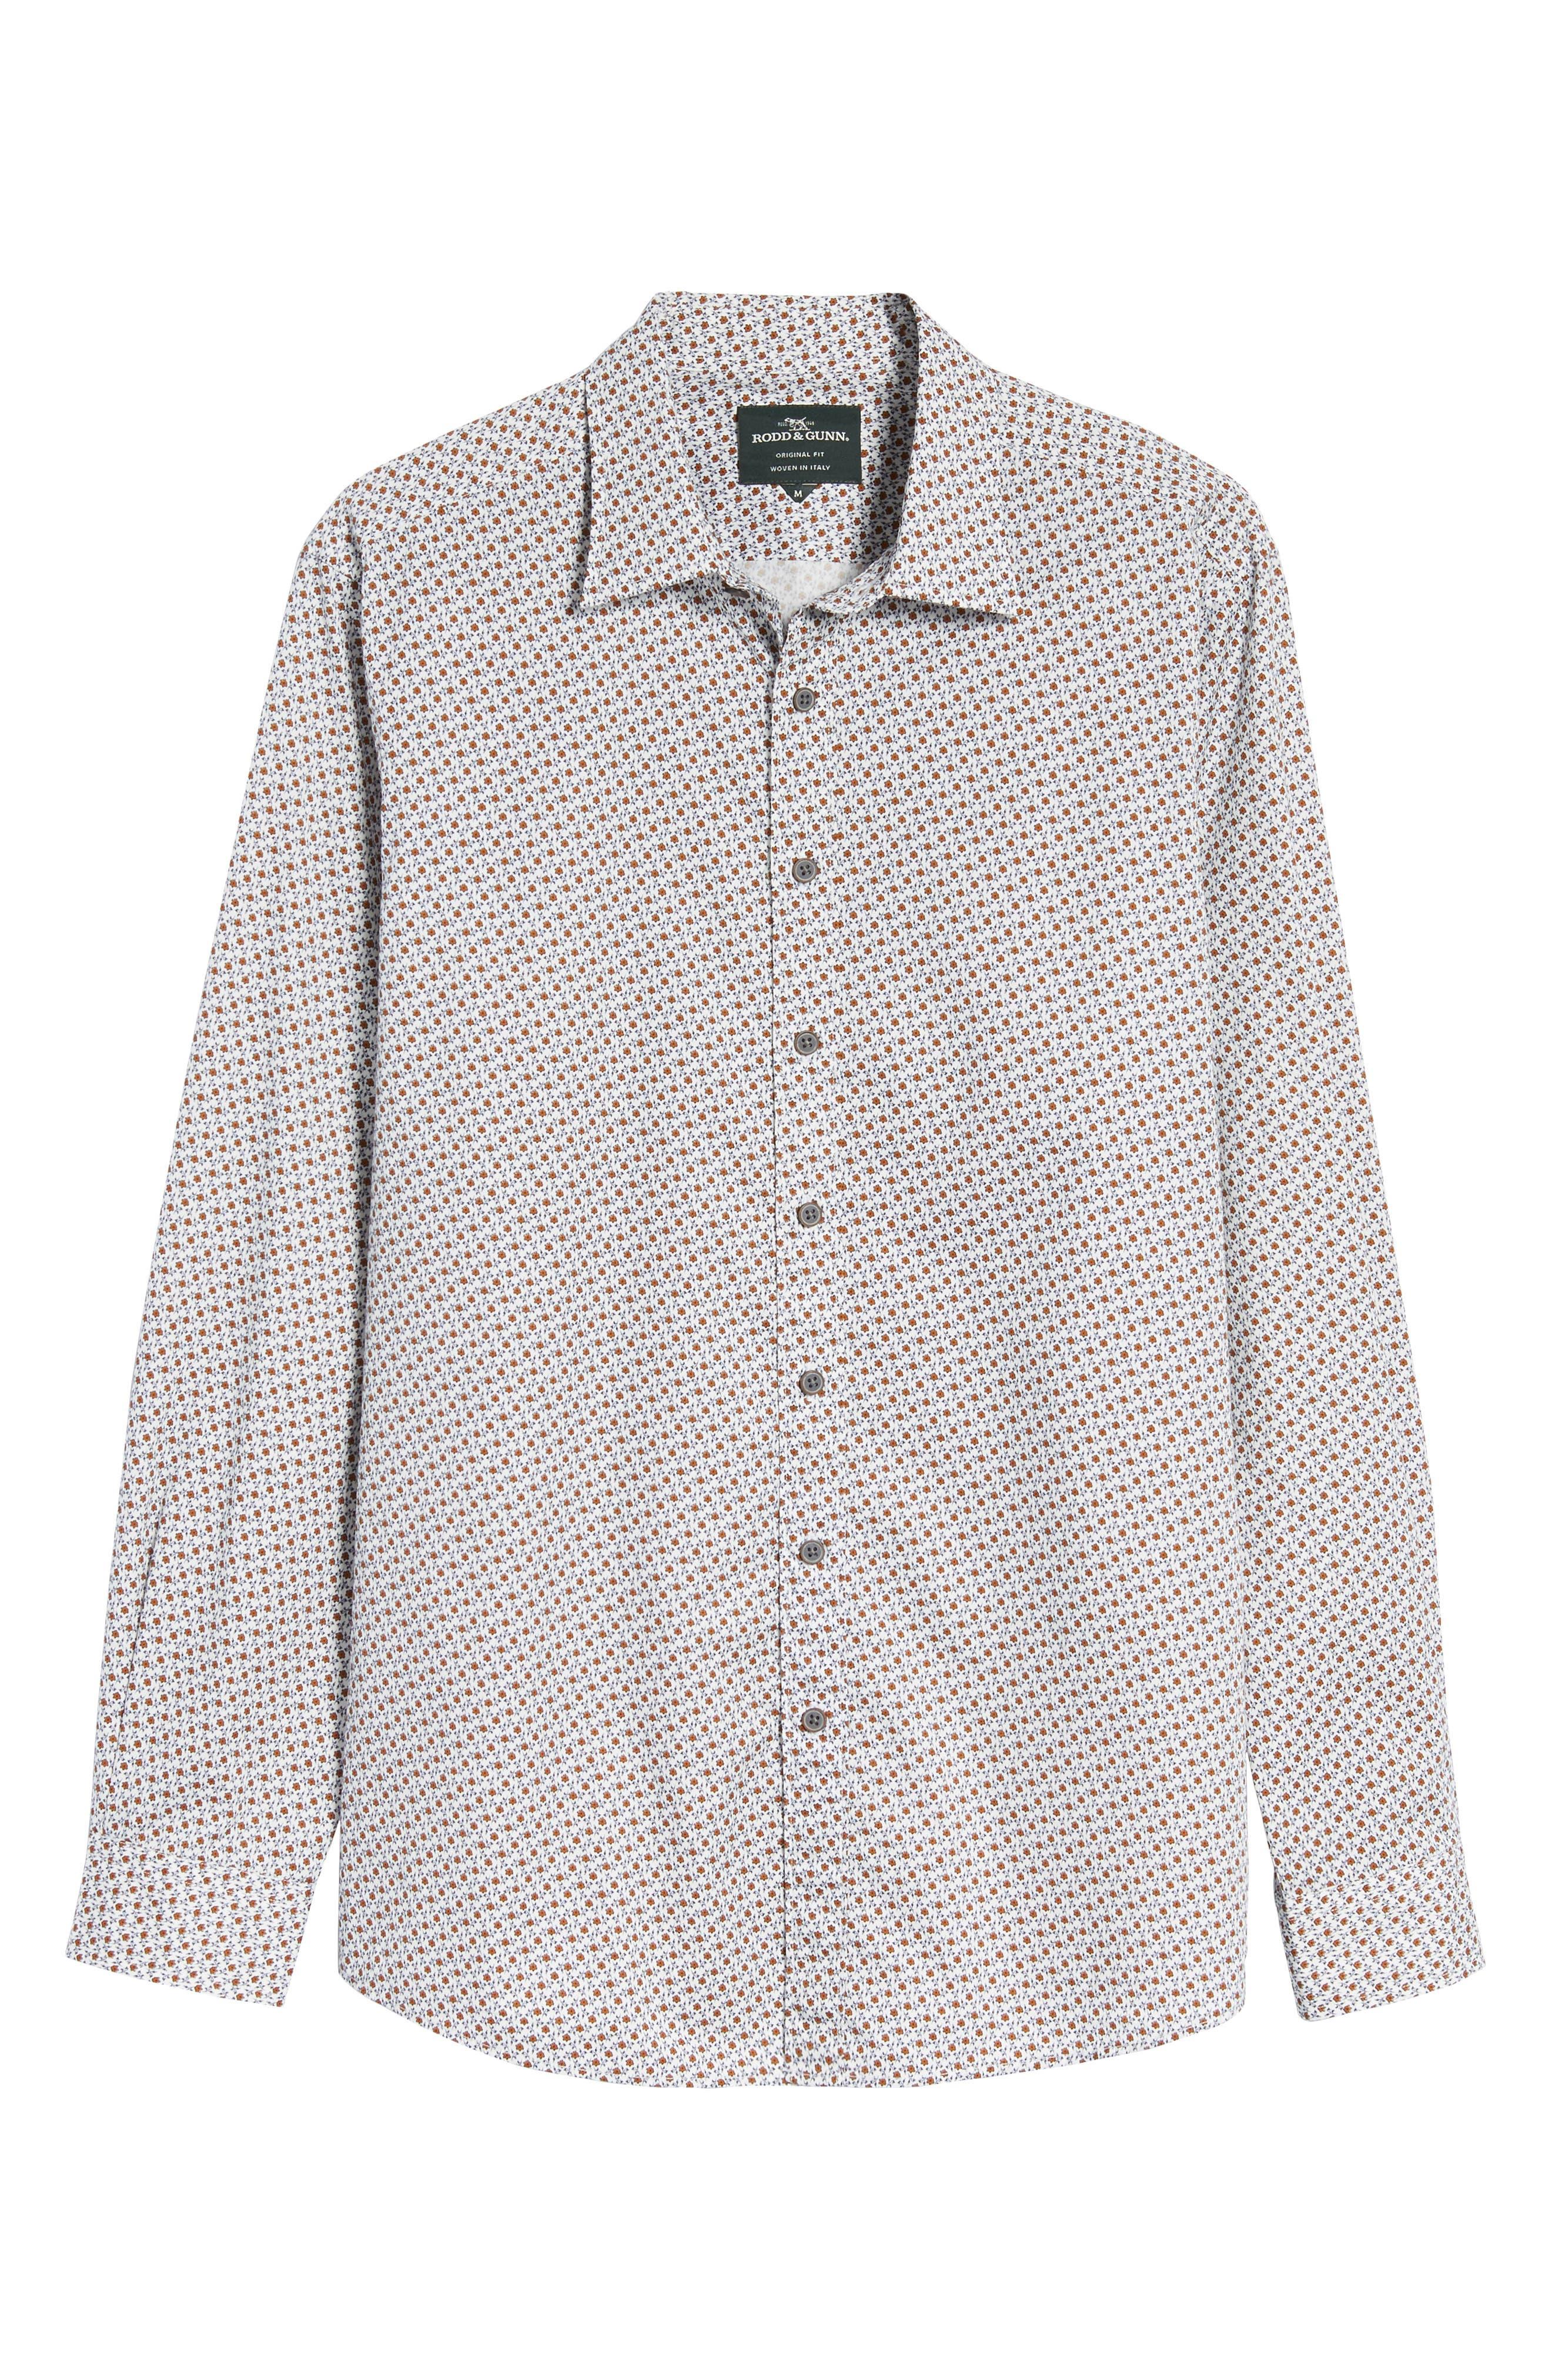 Regular Fit Cascade Sport Shirt,                             Alternate thumbnail 6, color,                             815